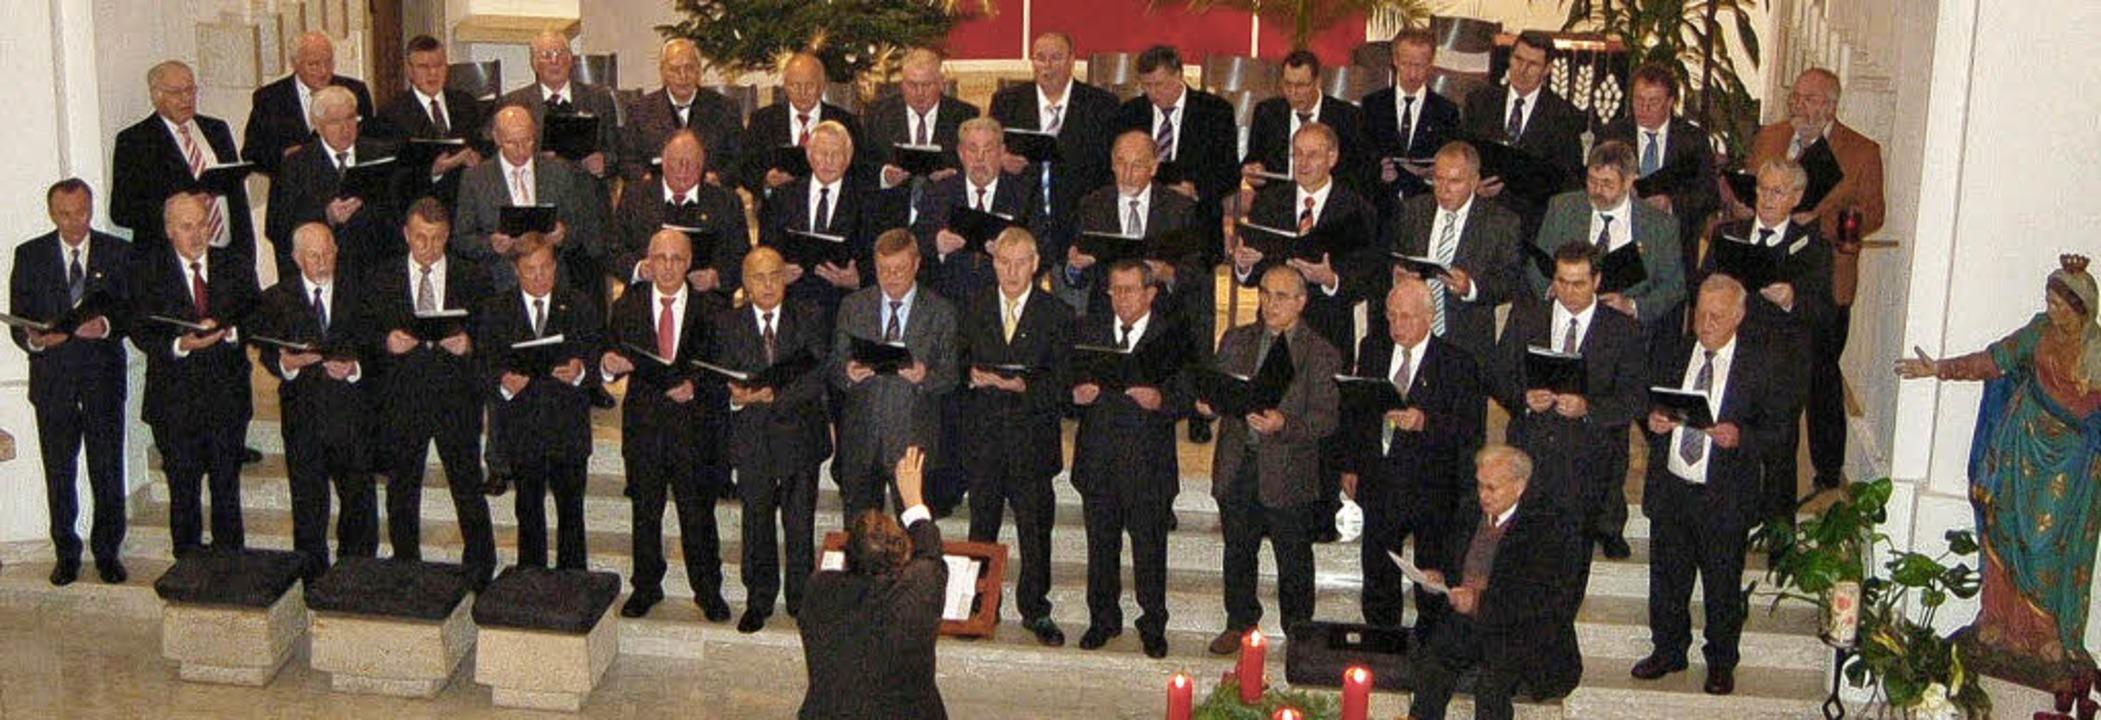 Erhebender  Gesang:  Die  Männerchöre ...konzert  in der Atzenbacher  Kirche.      Foto: Paul  Berger